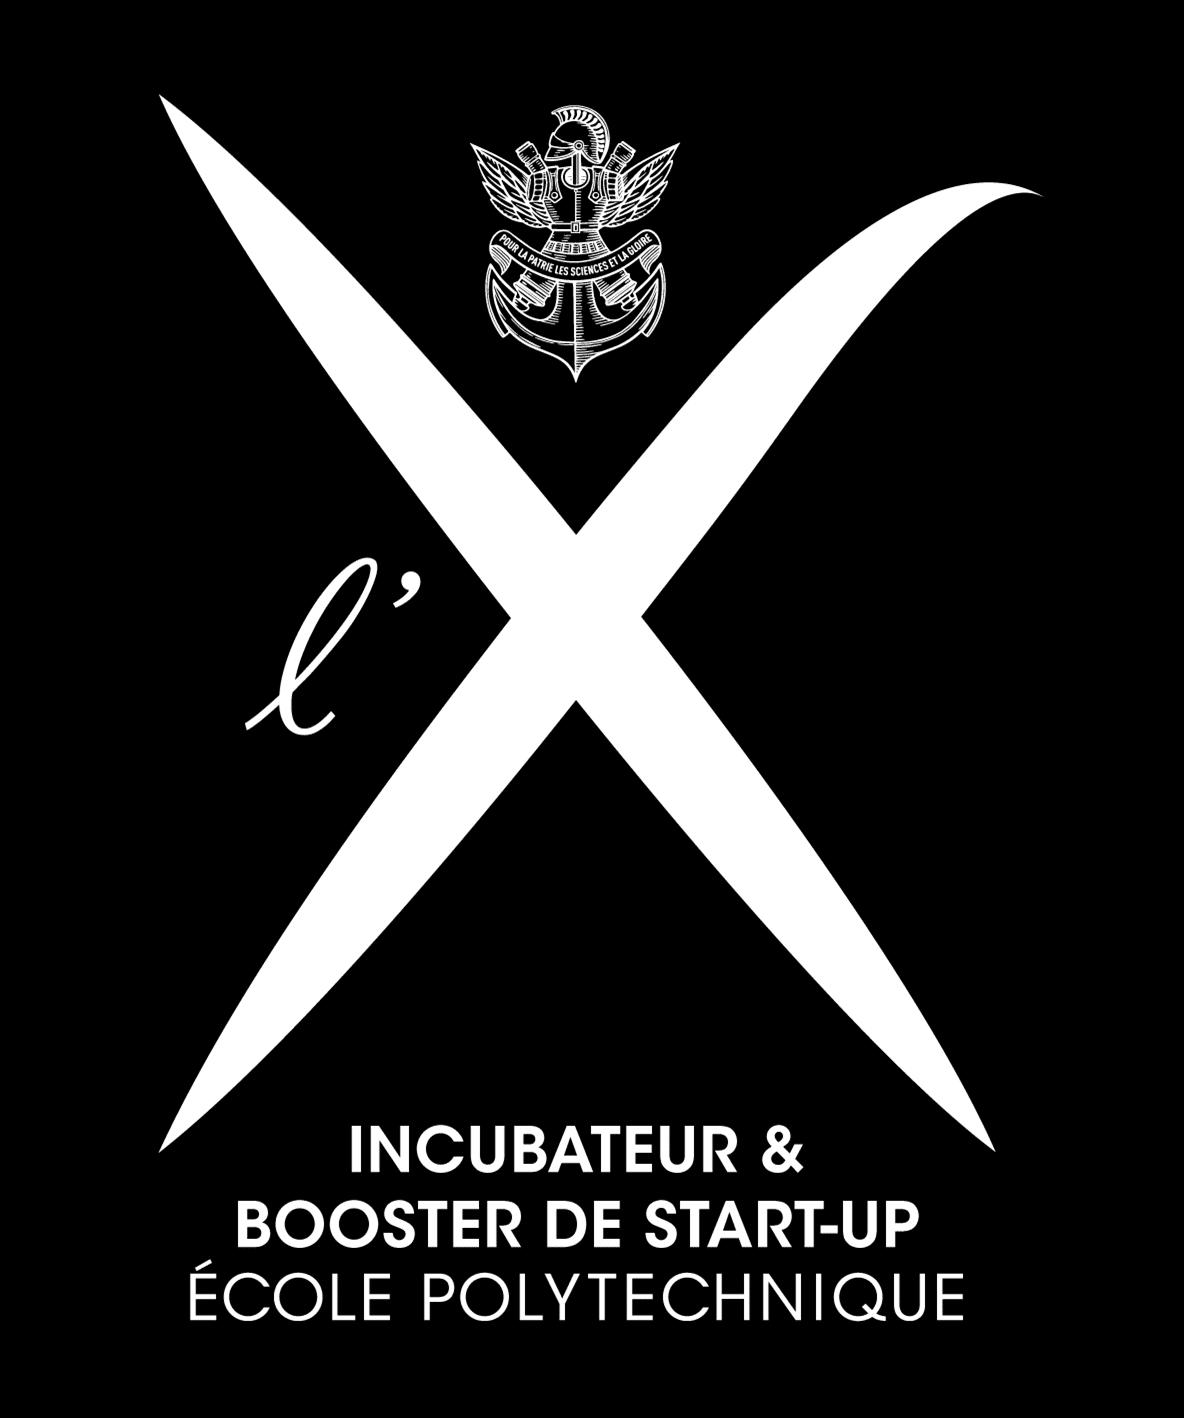 success – partenariat avec X-Novation de l'Ecole Polytechnique